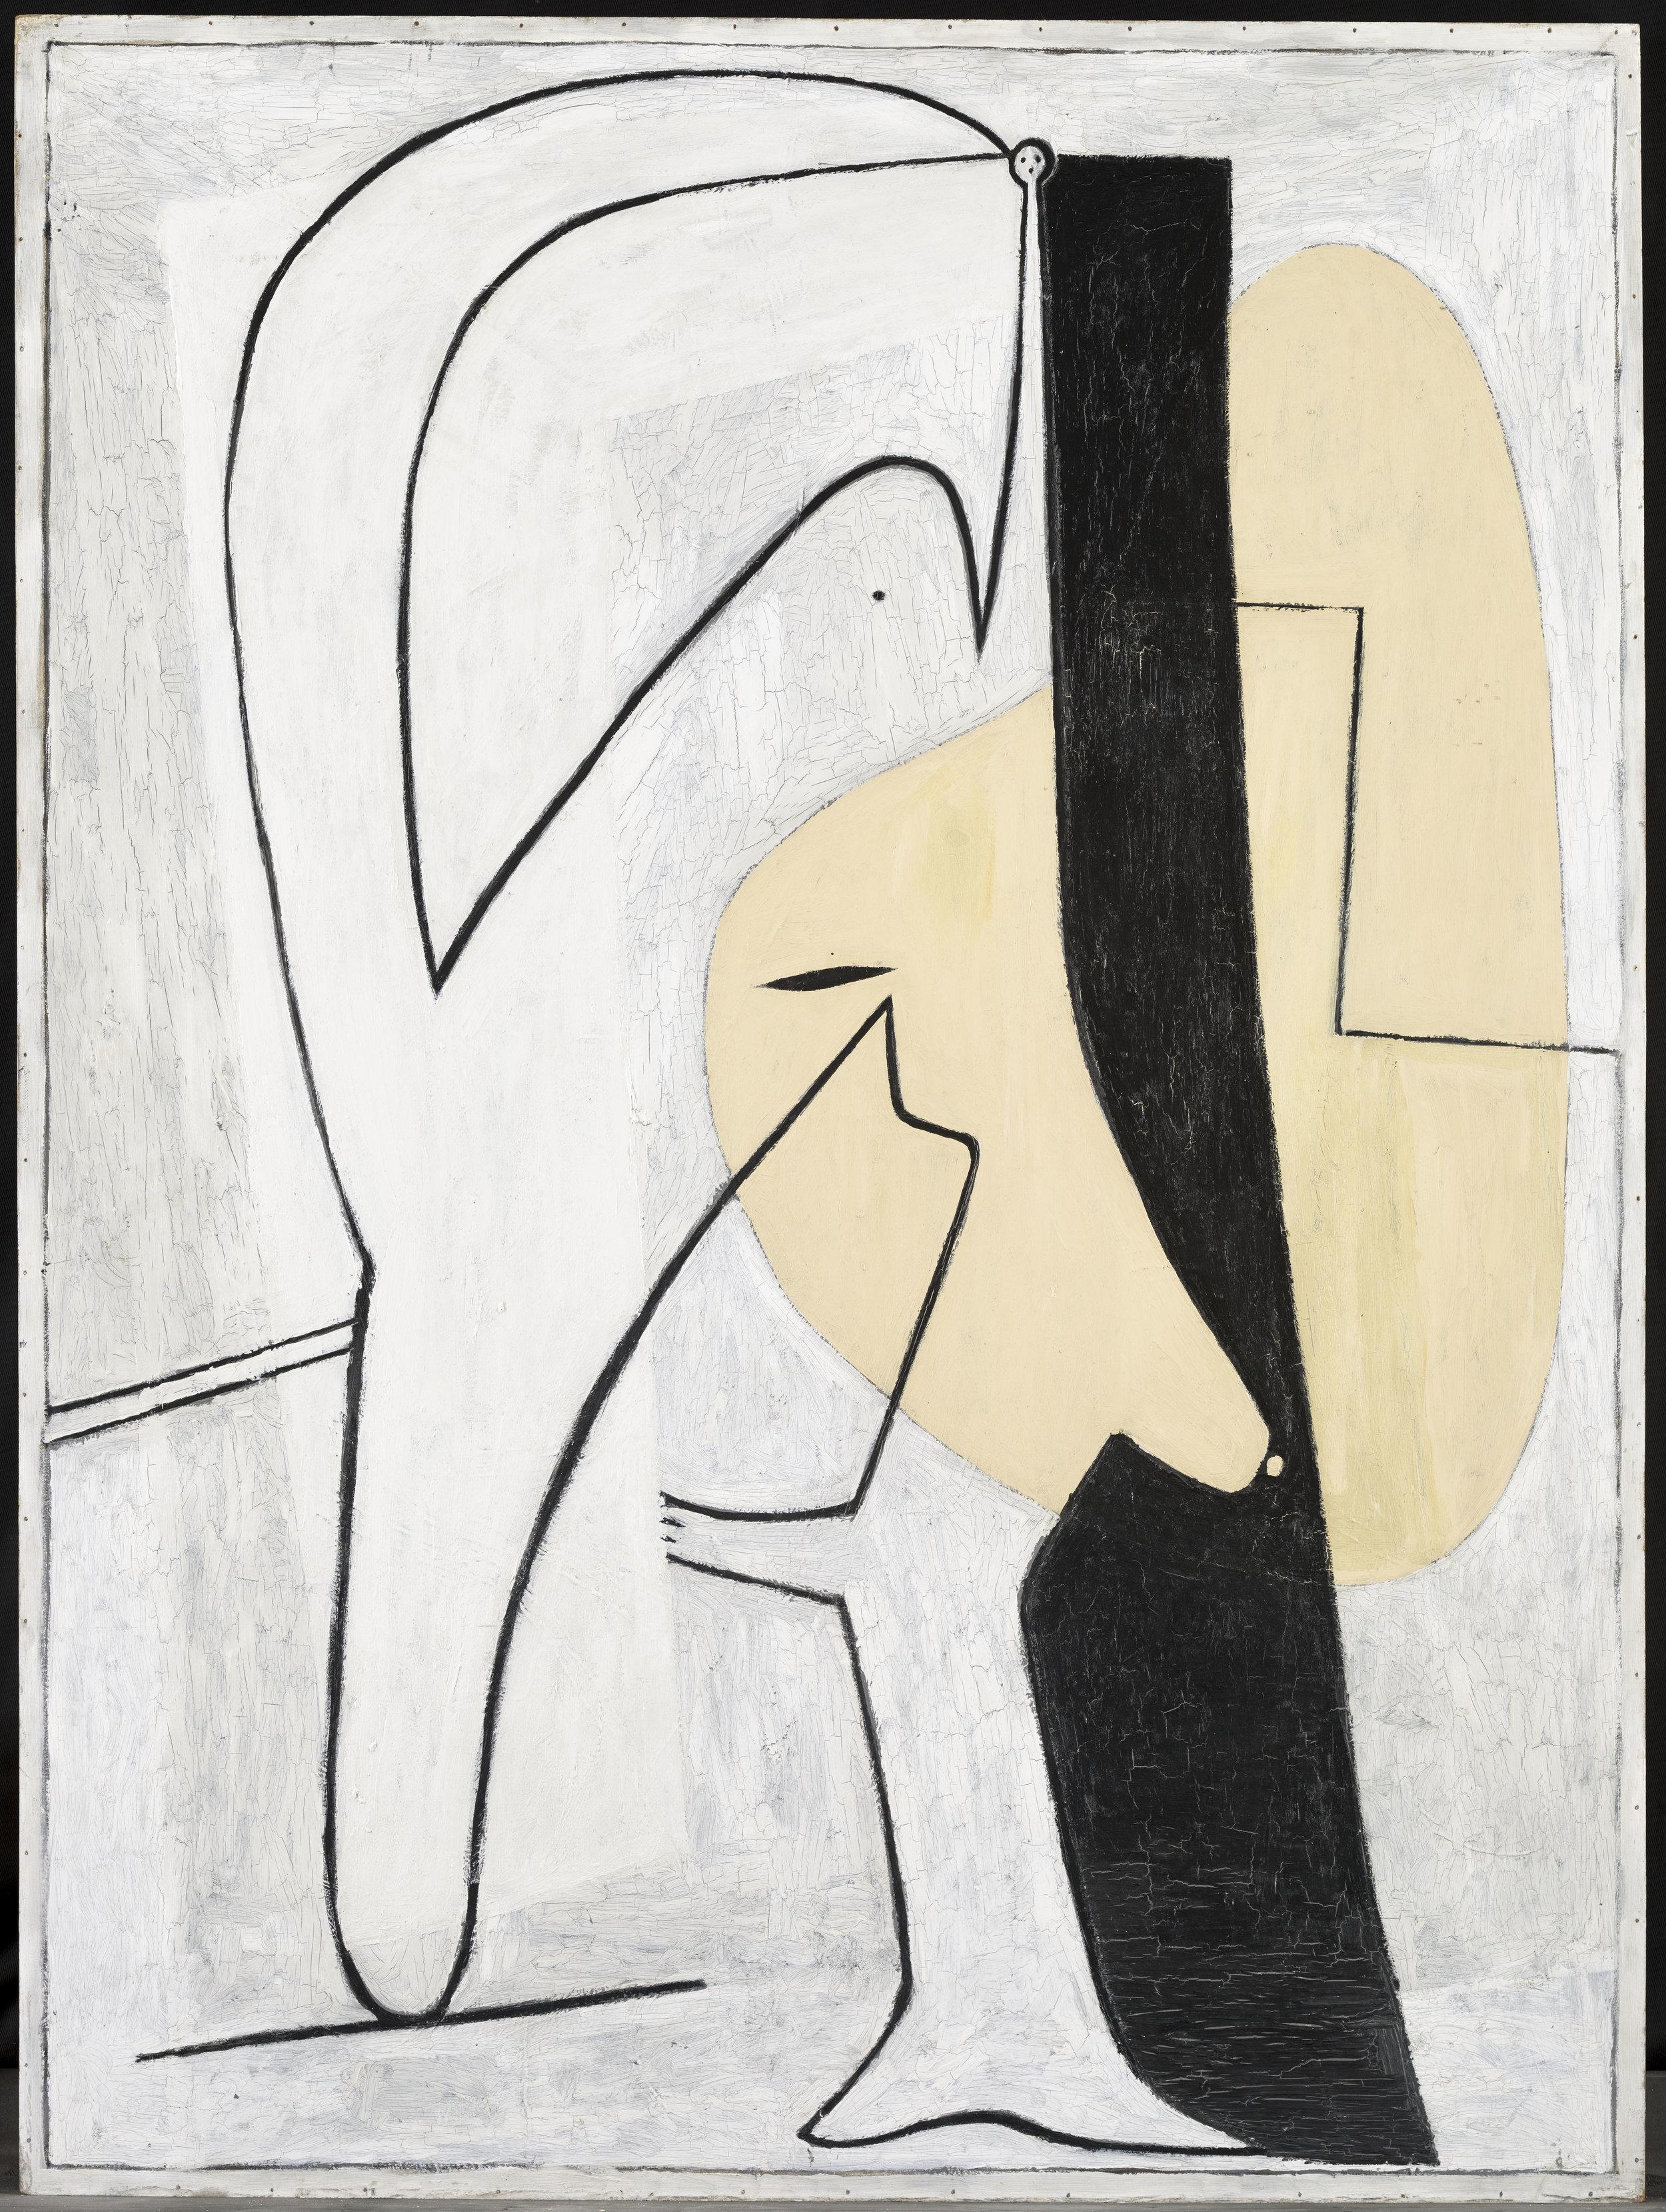 Pablo Picasso.Figure (1927) Musée National Picasso-Paris Dation Pablo Picasso. Courtesy: Pablo Picasso © Pablo Picasso Estate